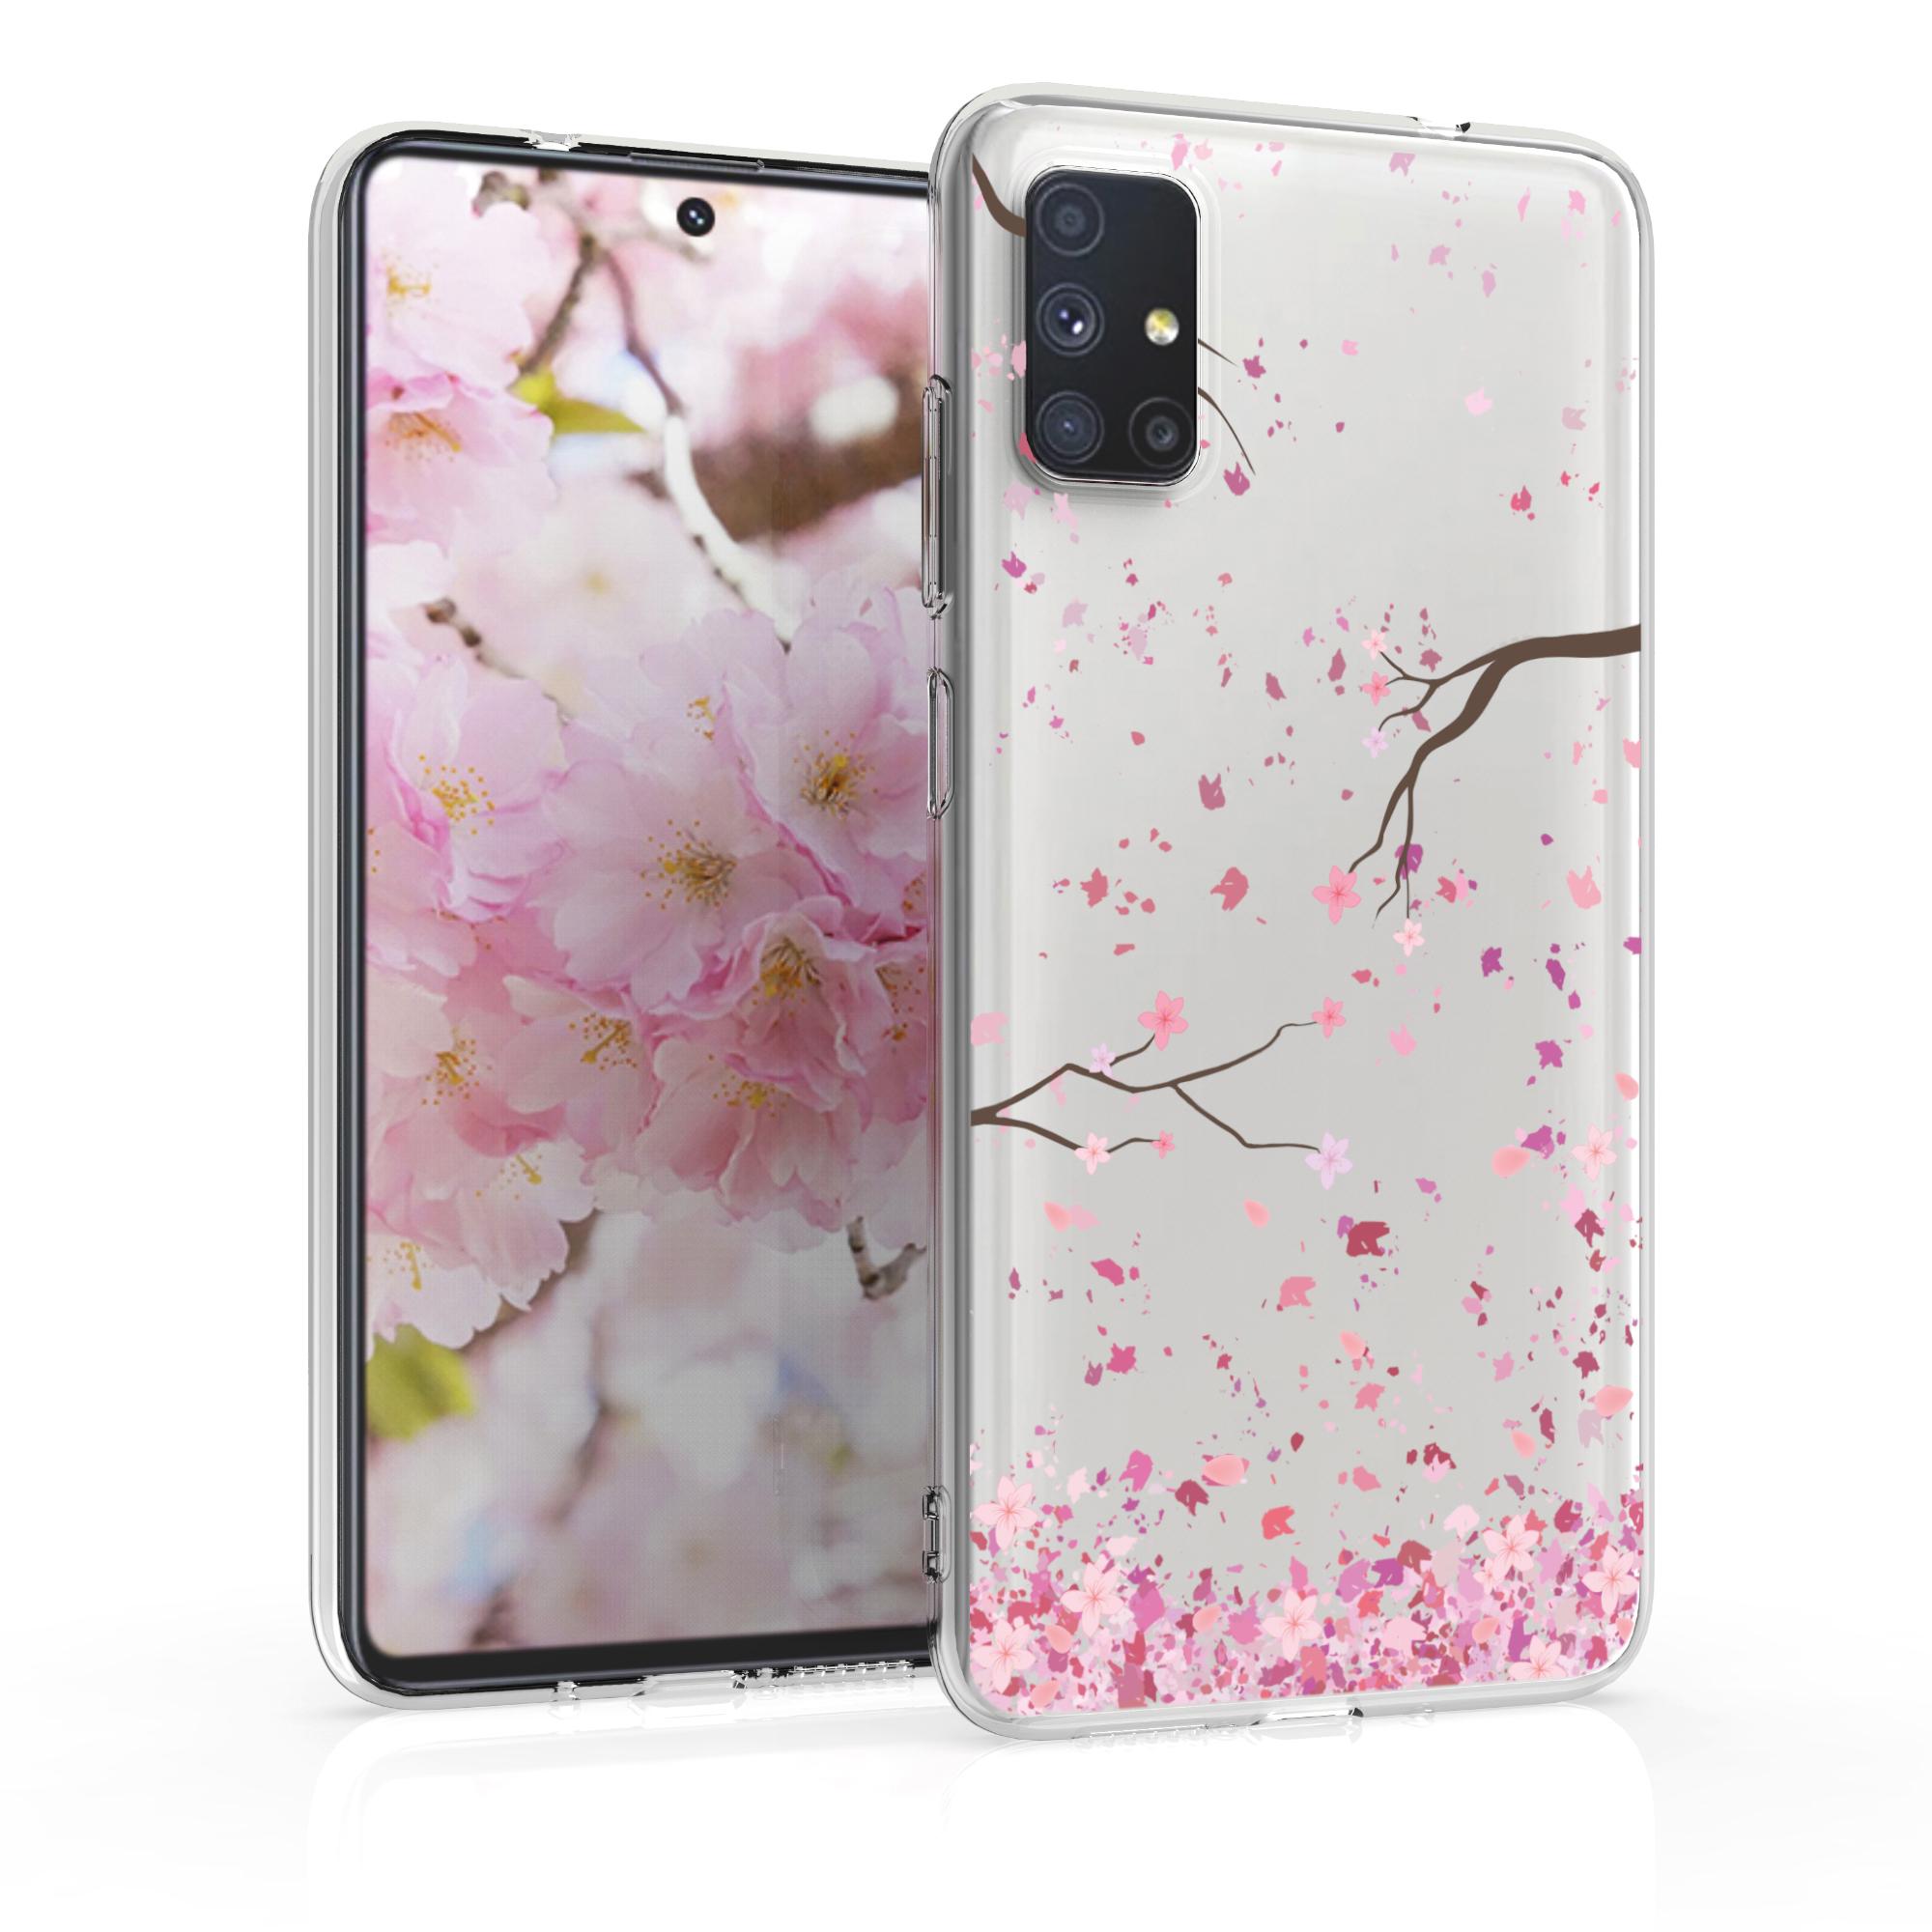 Kvalitní silikonové TPU pouzdro pro Samsung M51 - Cherry Blossoms růžové / tmavě hnědá / transparentní